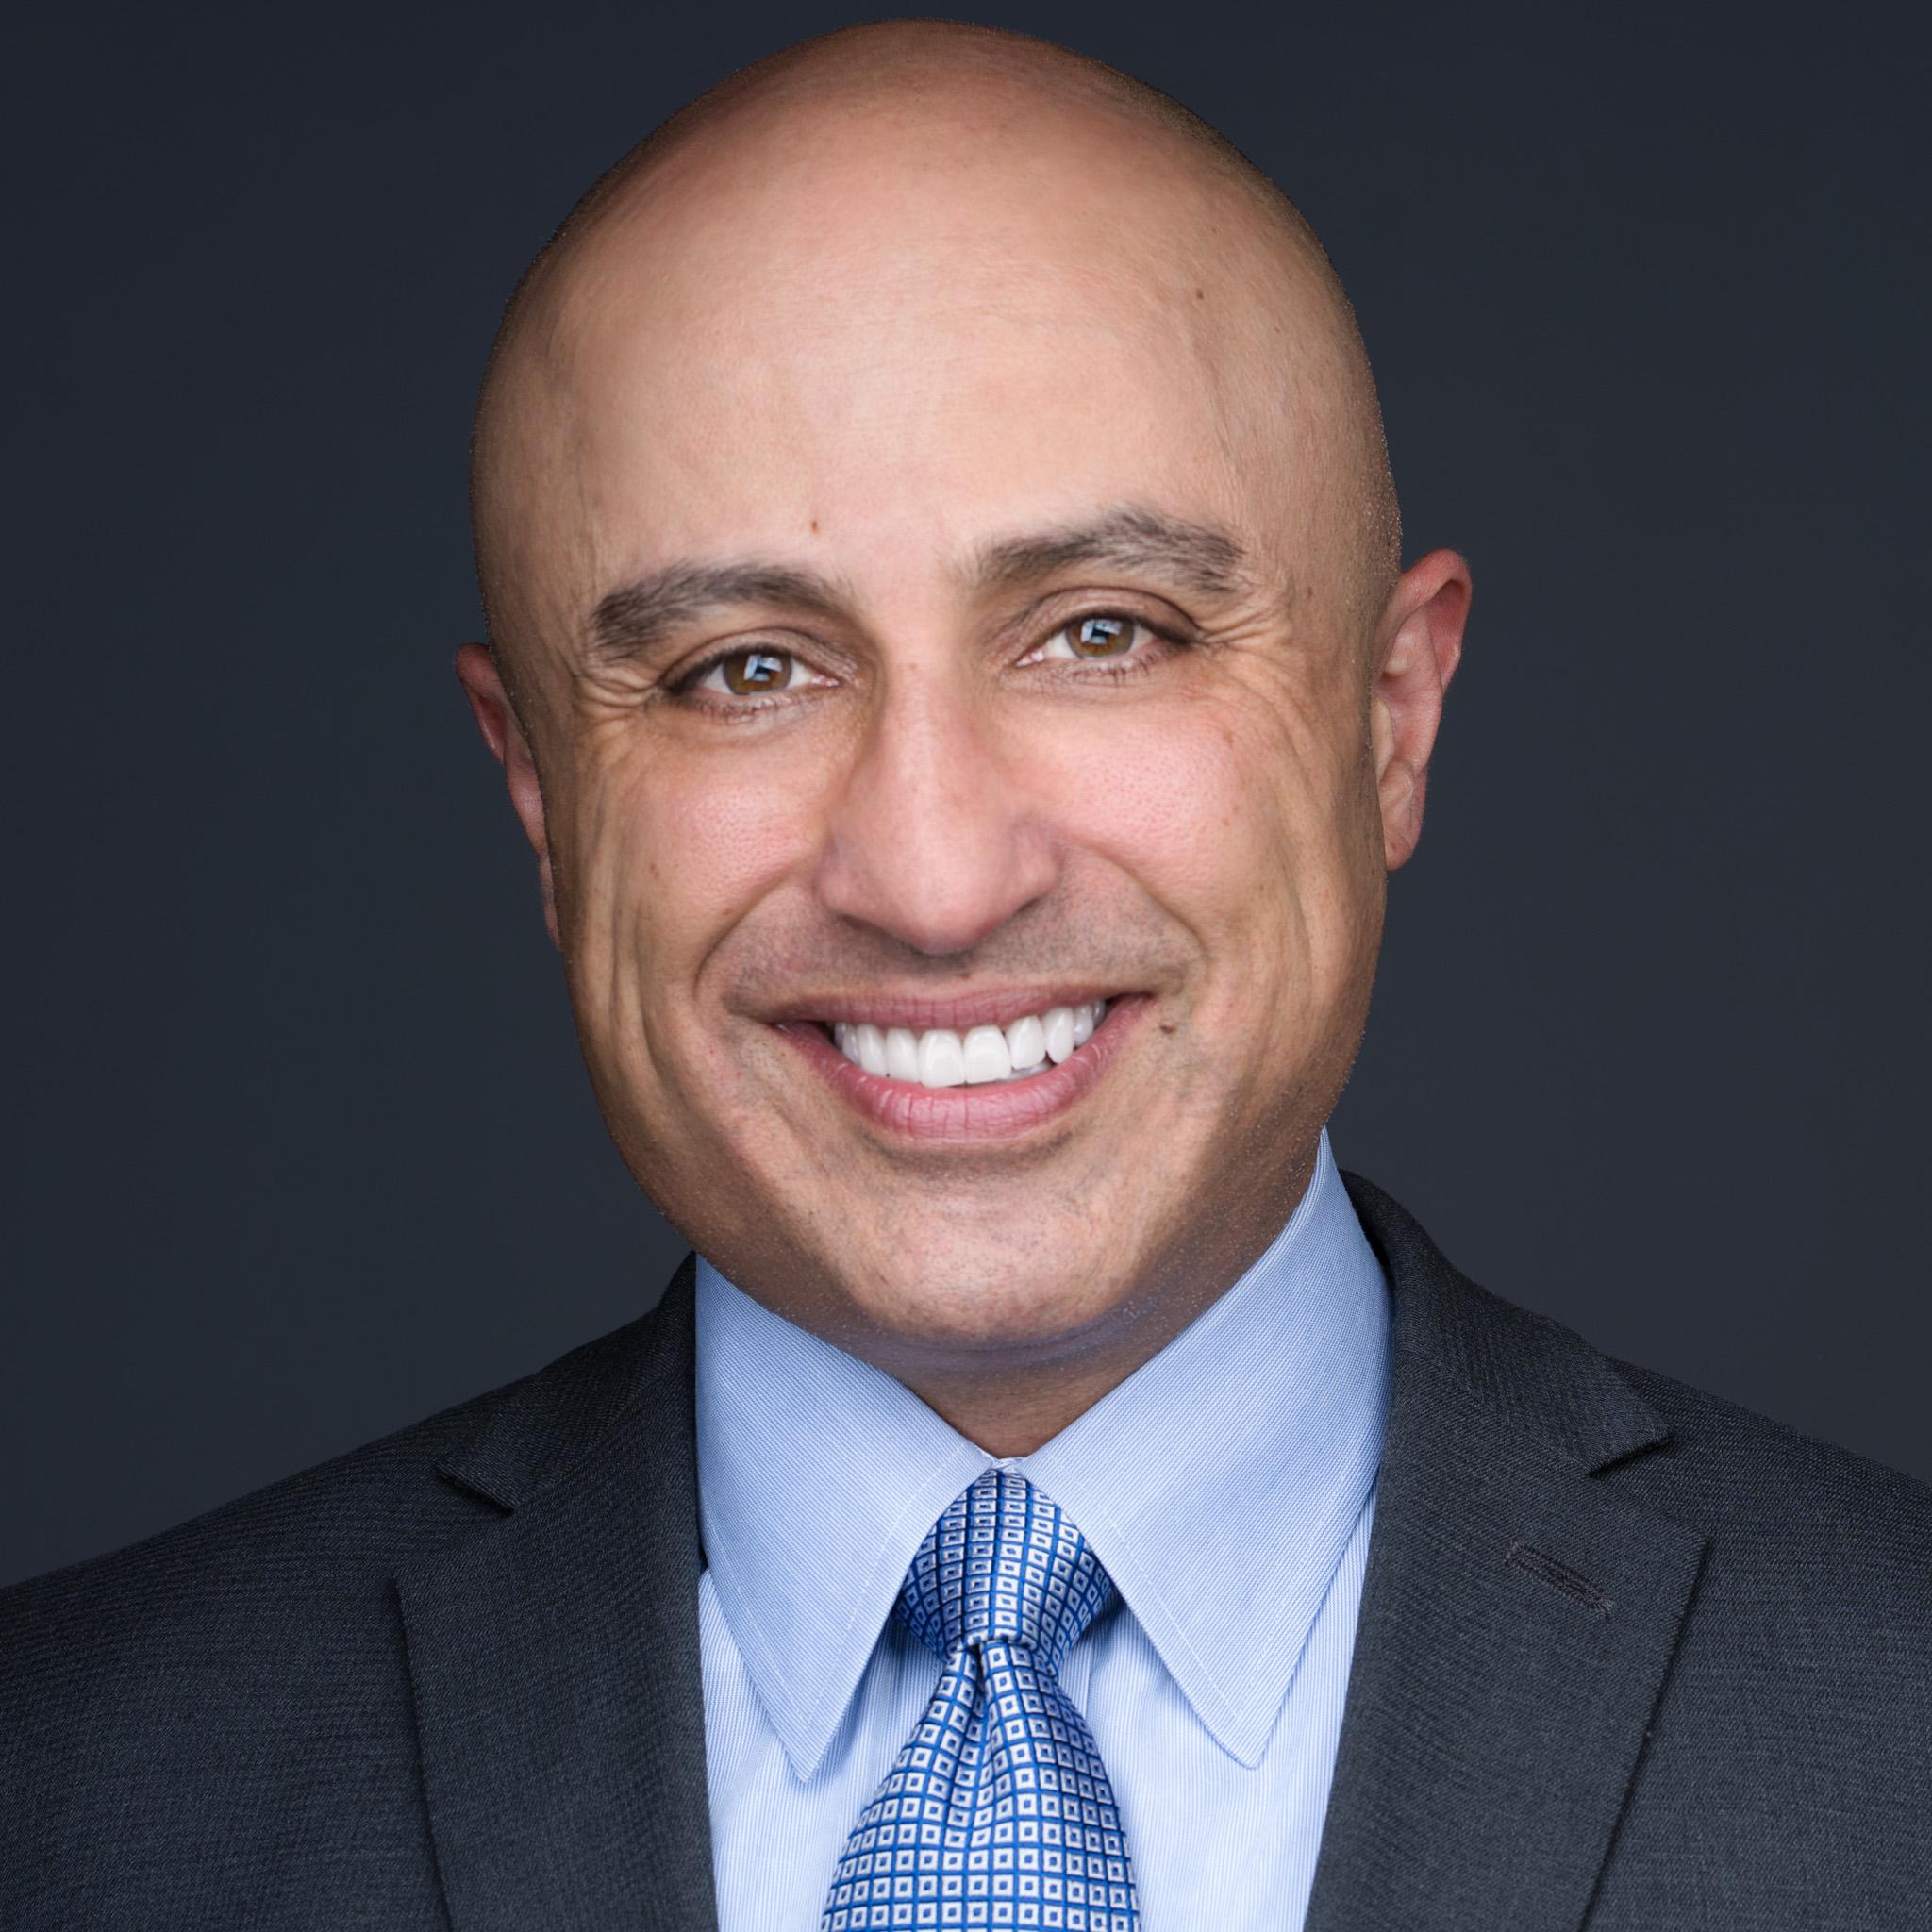 Headshot of Mahan Tavakoli